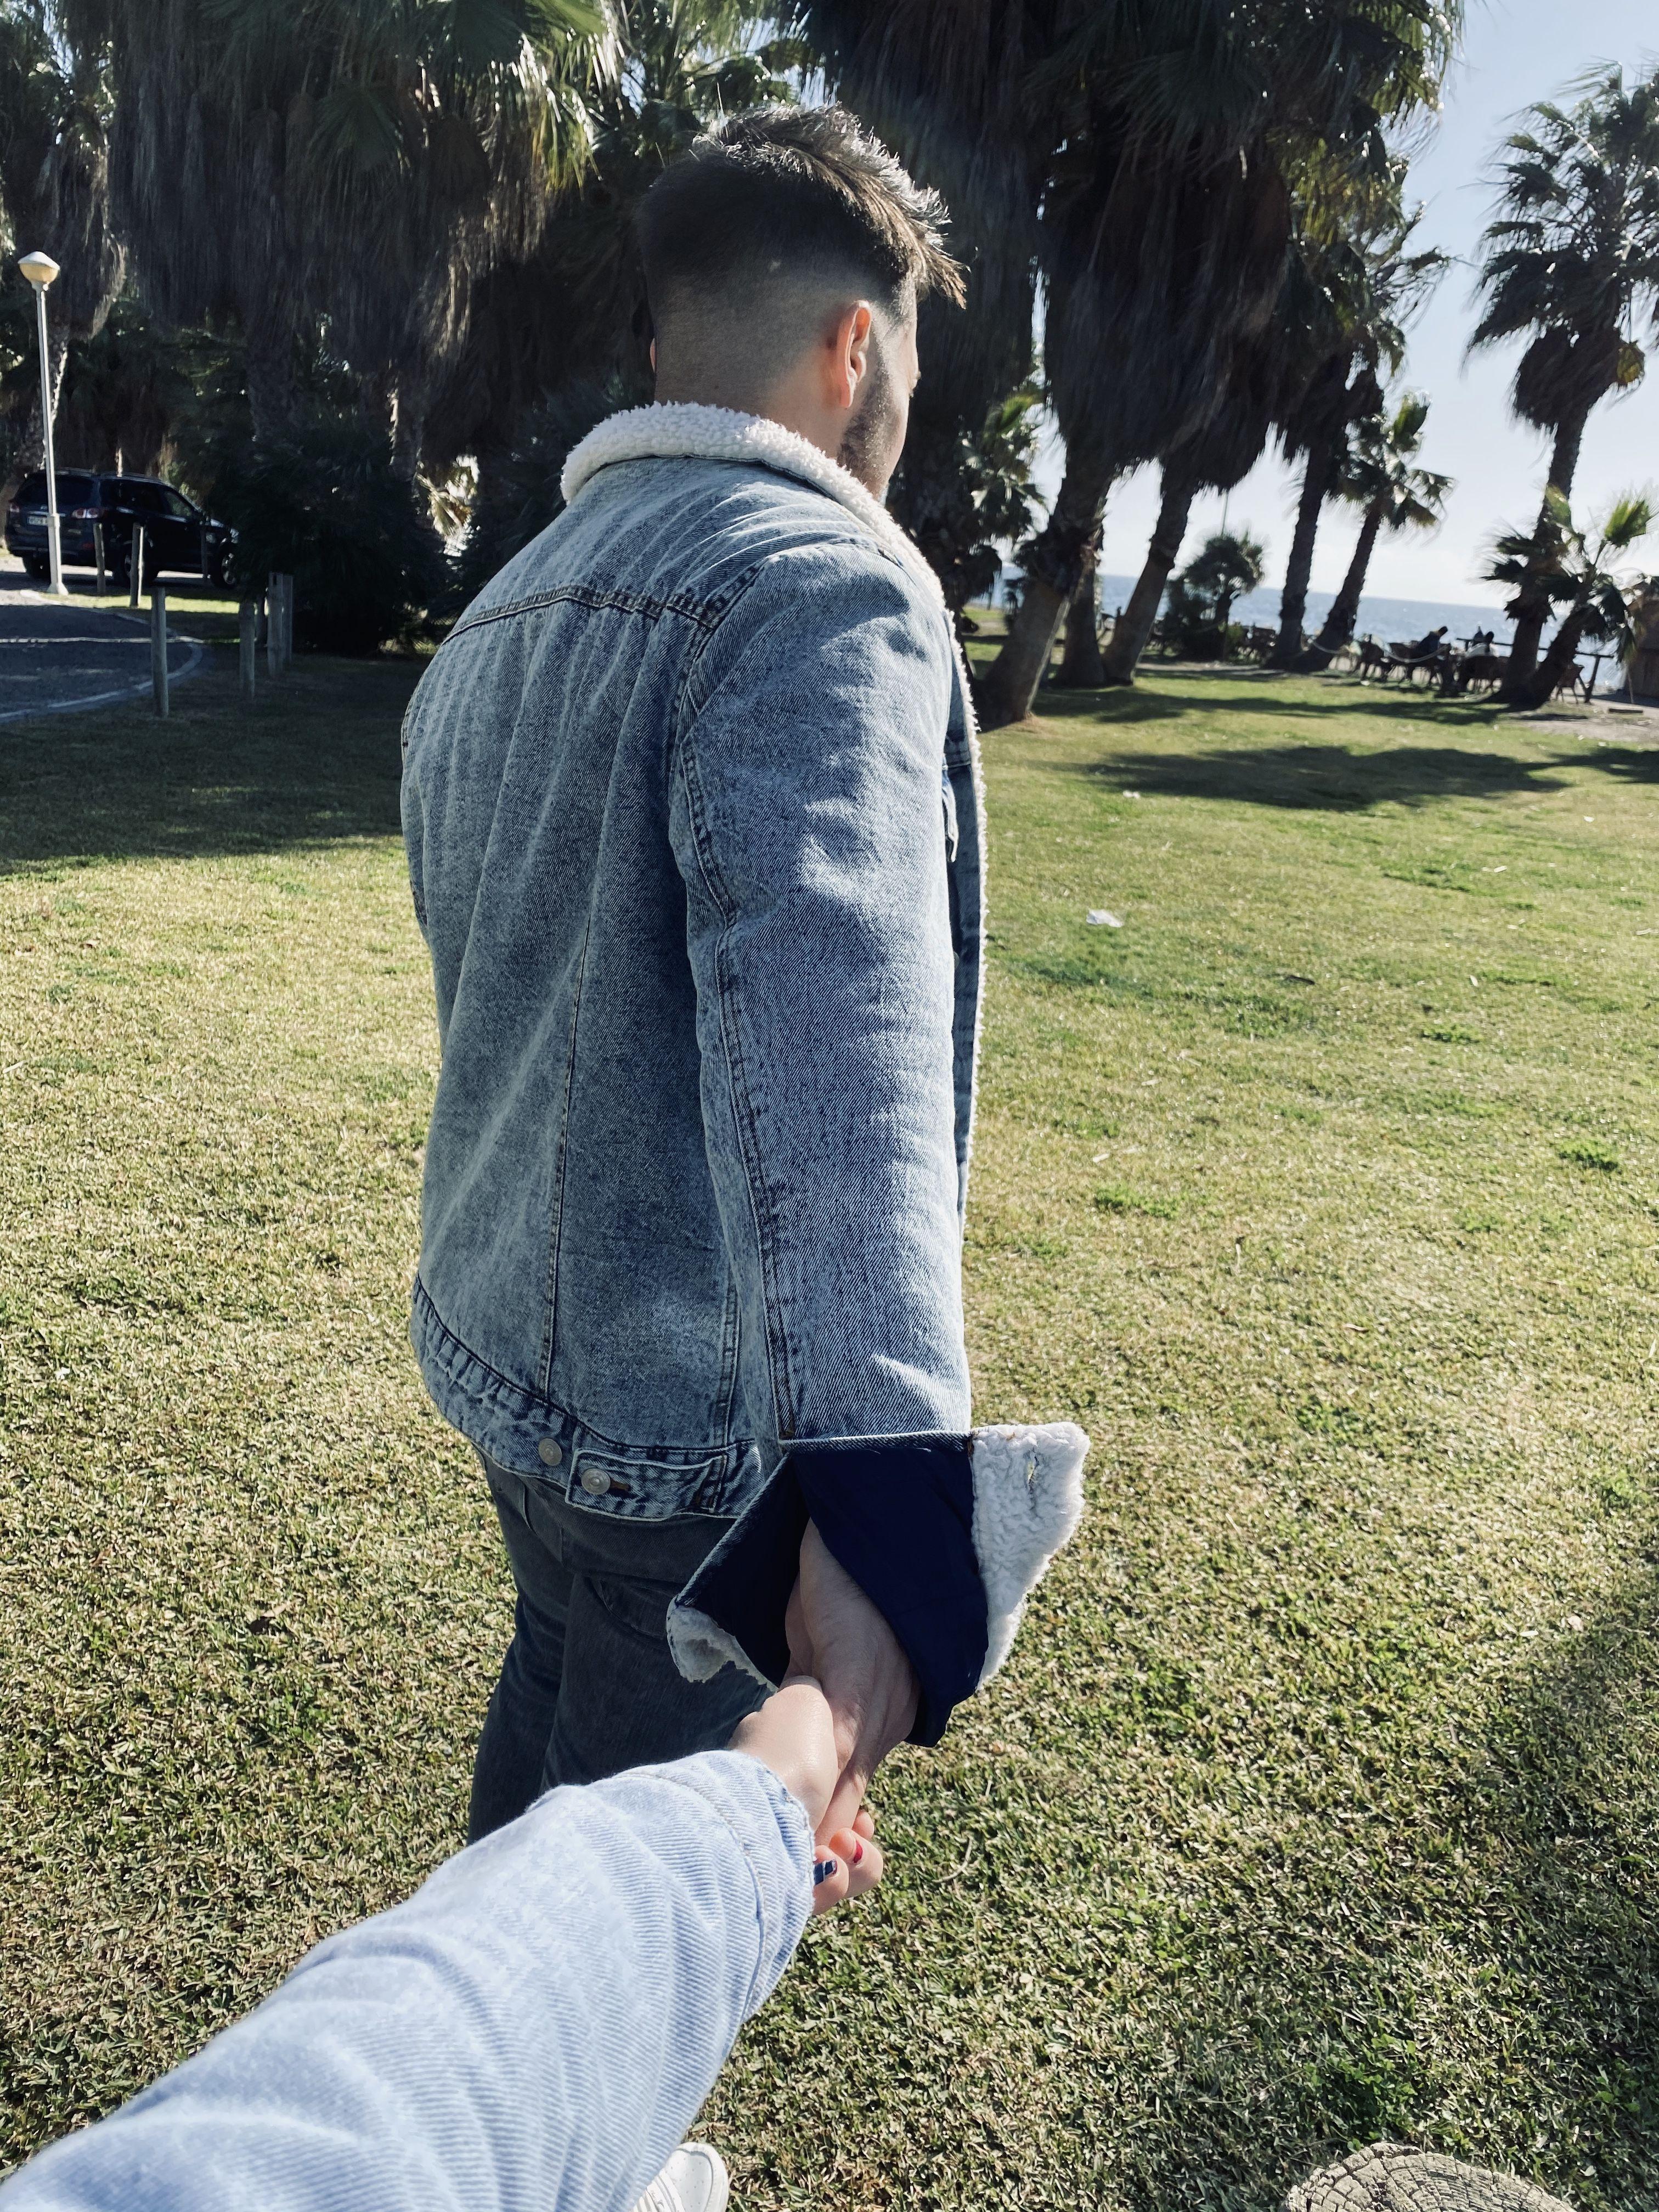 🧔🏻¿Te puedo pedir una última cosa? 👩🏼🦰Dime  🧔🏻Dame la mano, y no me sueltes.   #GenteQueAmaLoQueHac...